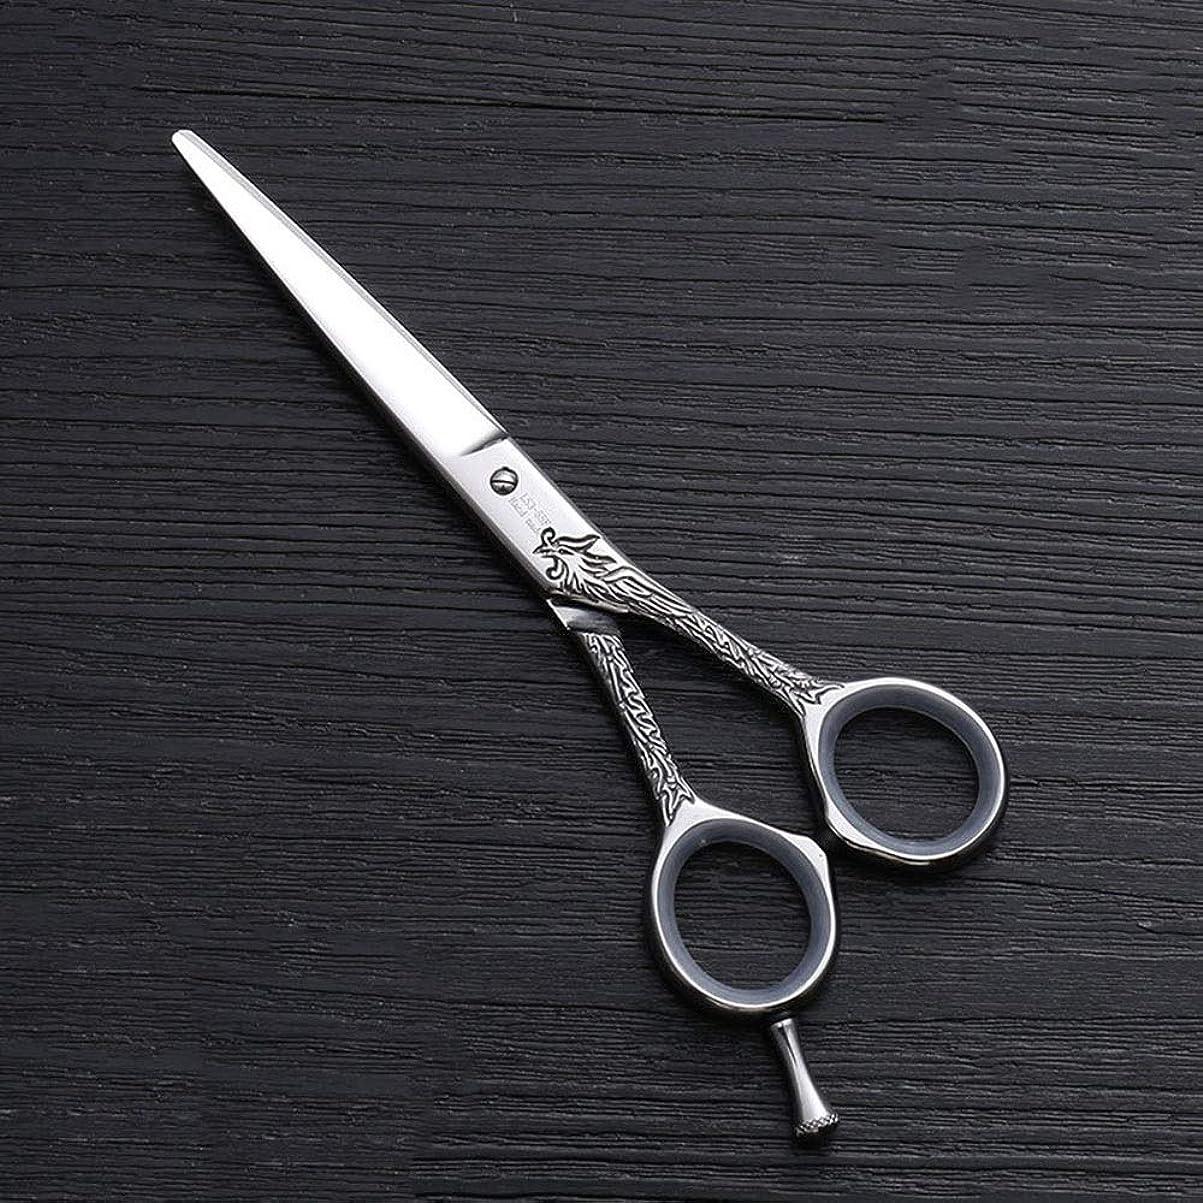 理髪用はさみ 5.5インチ理髪はさみトリミング前髪ファルトはさみ440Cステンレス鋼理髪はさみヘアカットはさみステンレス理髪はさみ (色 : Silver)